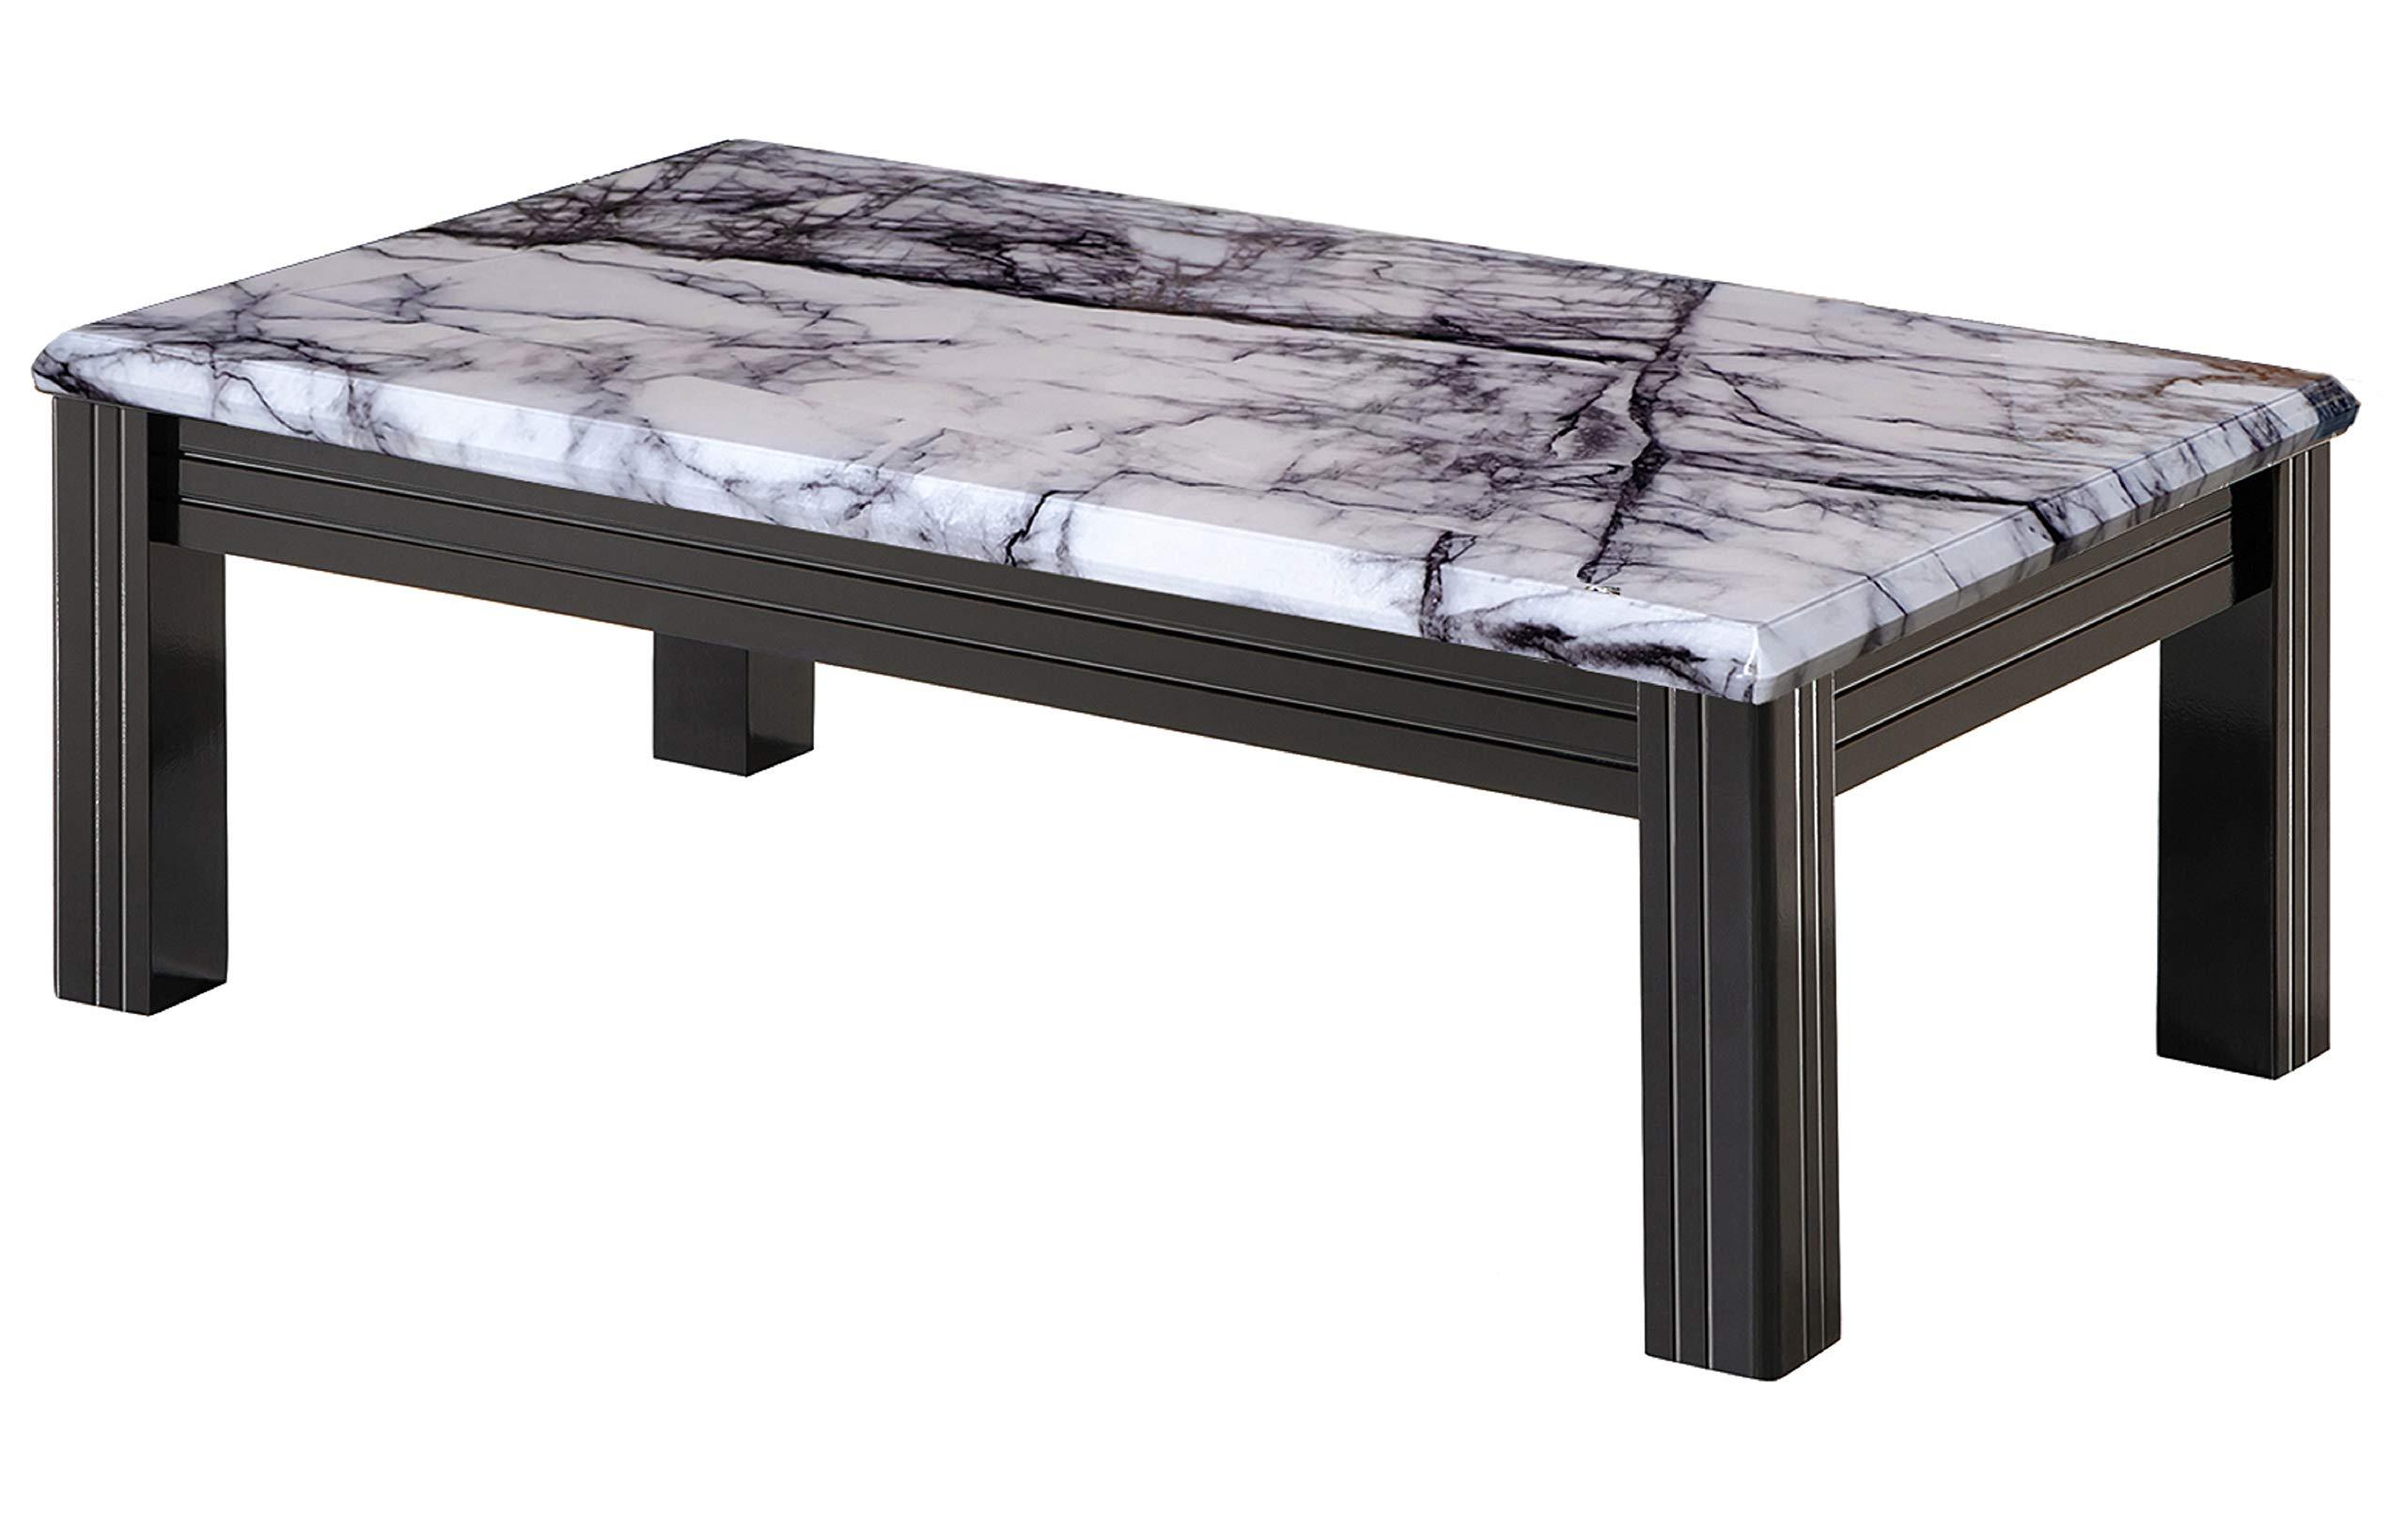 Furniture Express High Gloss Rectangular- Buy Online in Guernsey